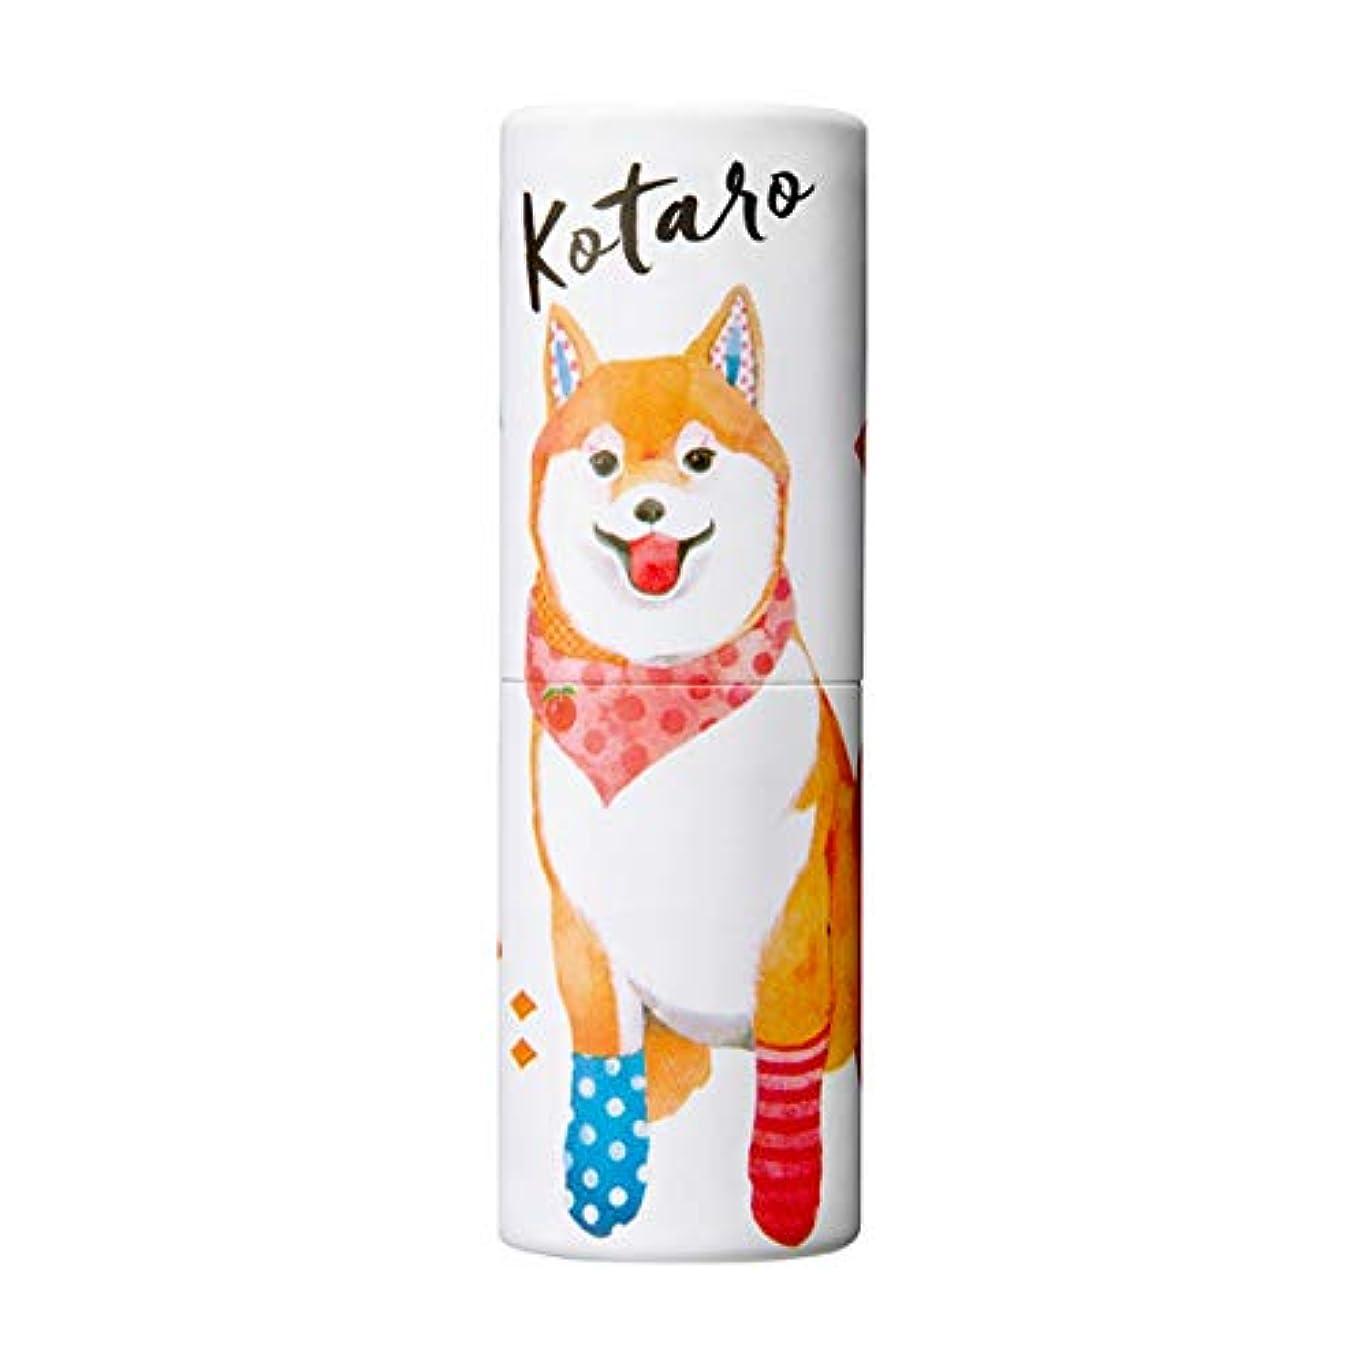 必需品注入あいさつヴァシリーサ パフュームスティック コタロー 柴犬 練り香水 5g